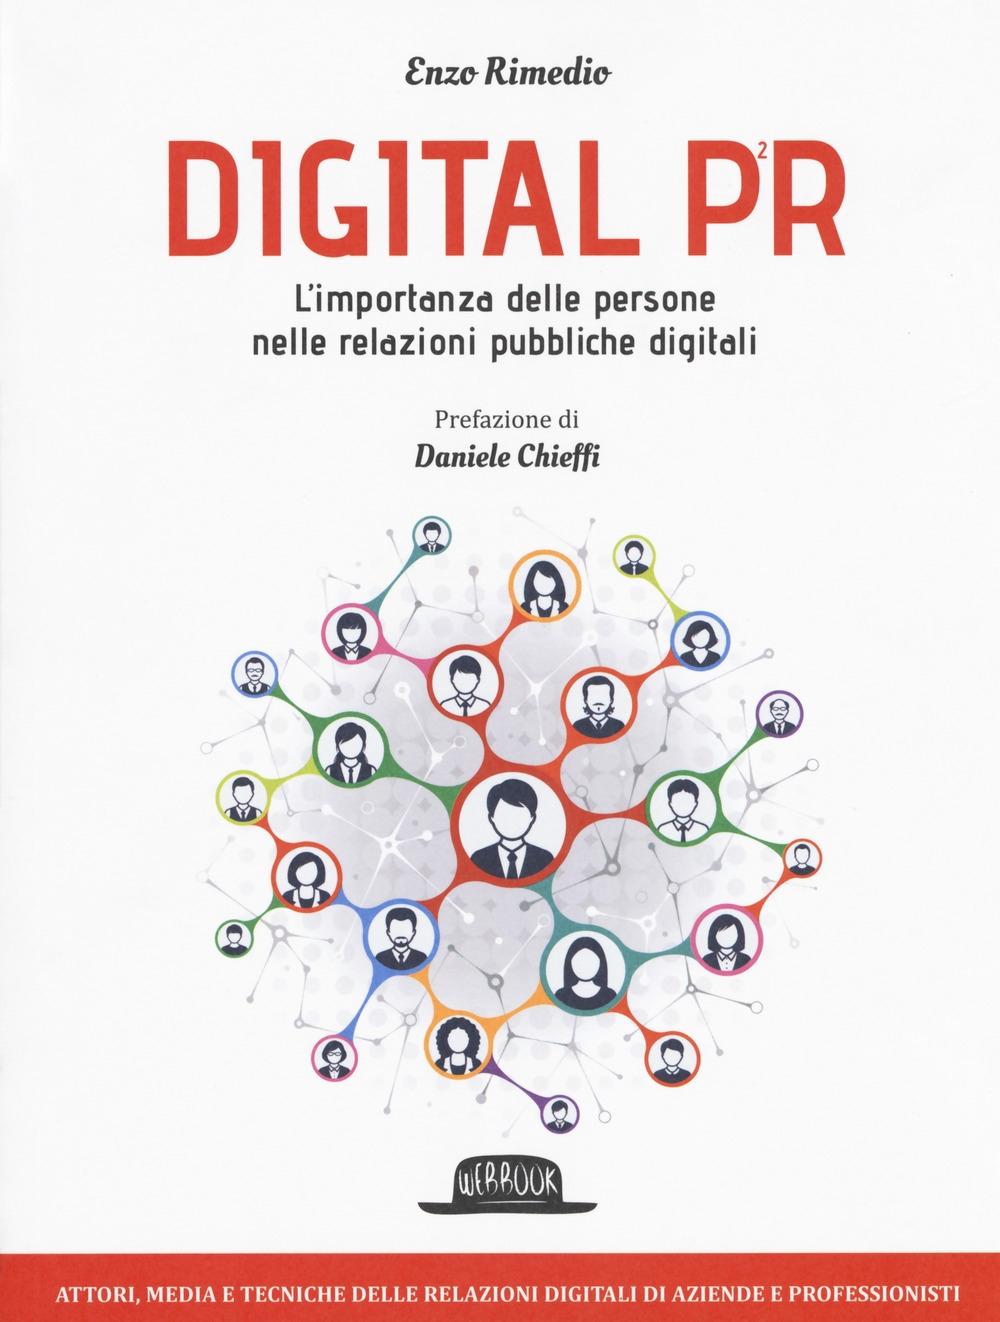 Digital PR. L'importanza delle persone nelle relazioni pubbliche digitali